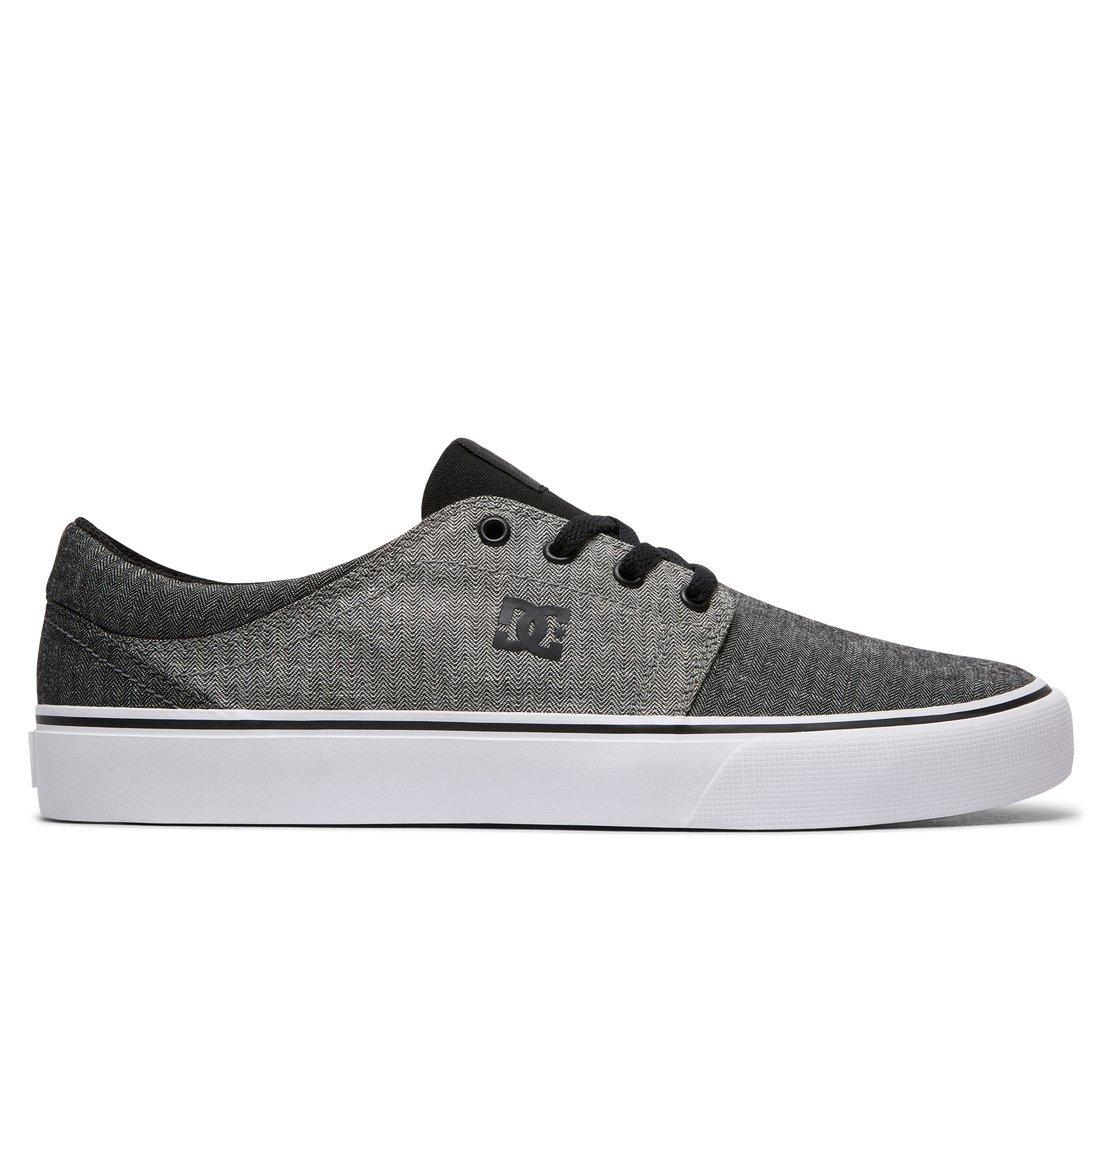 DC Shoes Trase, Zapatillas para Niños, Gris (Grey), 37 EU